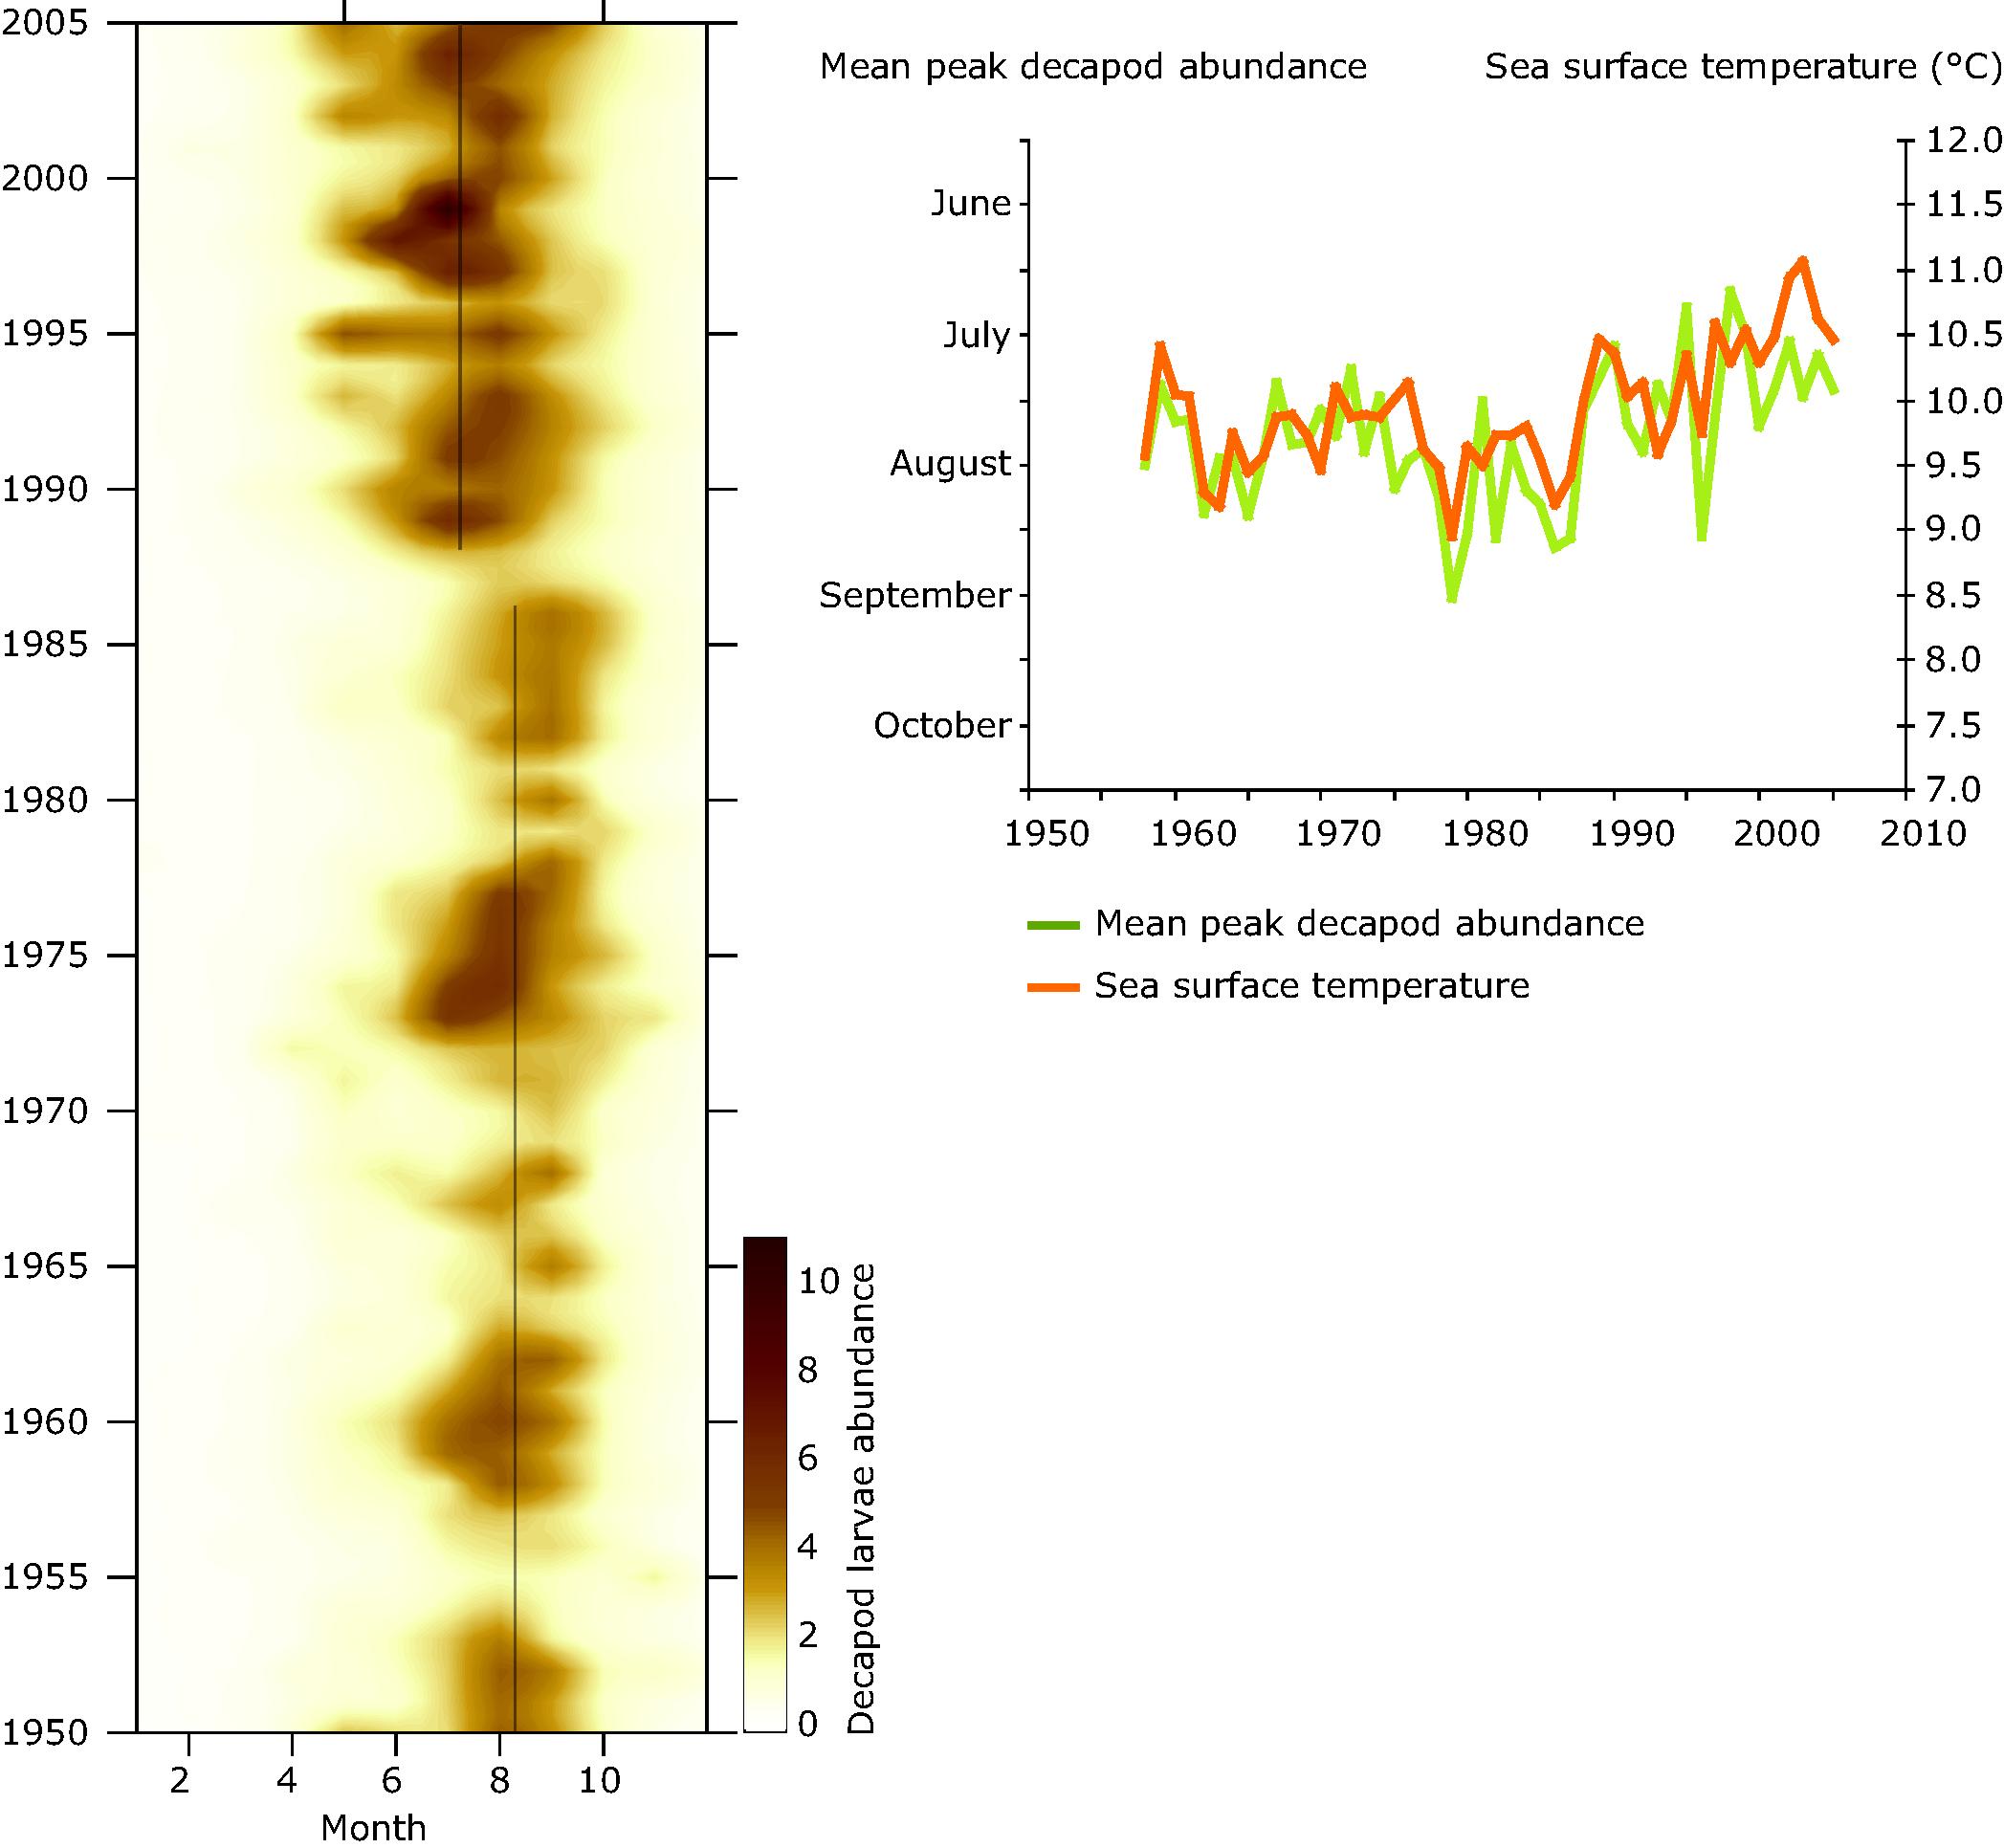 Decapod abundance in the central North Sea 1950-2005